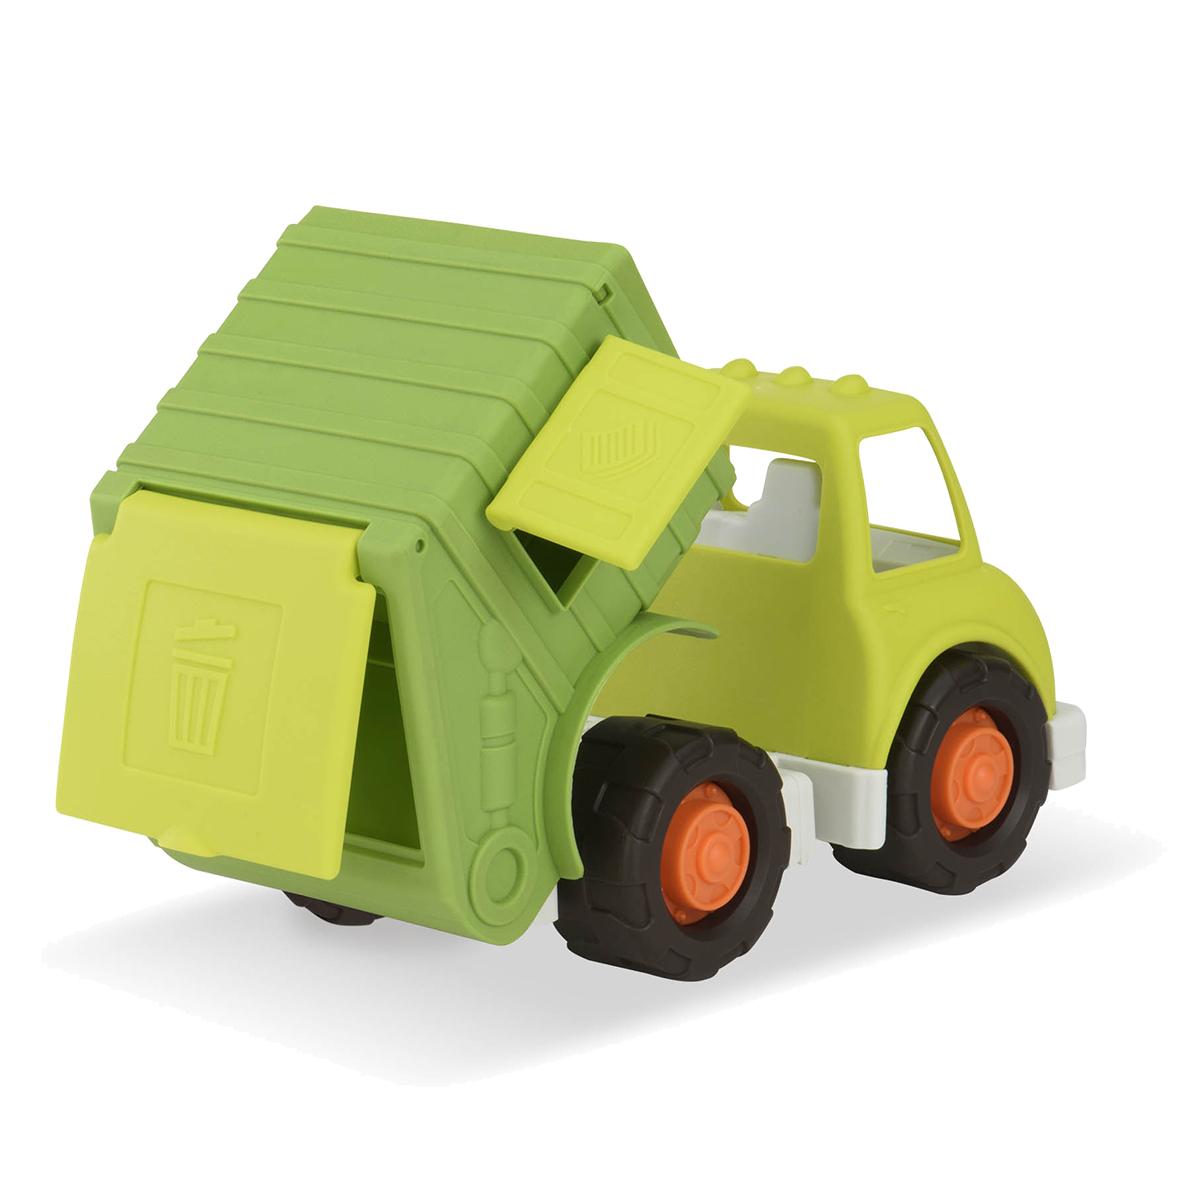 Wonder Wheels Мусоровоз68034Мусоровоз Wonder Wheels привлечет внимание вашего ребенка и станет его любимой игрушкой. Изделие выполнено из безопасного материала. Функциональность игрушки дает возможность ребёнку окунуться с головой в игровой процесс. А высокое качество игрушки позволяет наслаждаться любимой игрой в полной мере и в любое время года. Ваш маленький водитель увлеченно будет играть с машинкой, придумывая различные истории. Порадуйте его таким замечательным подарком!